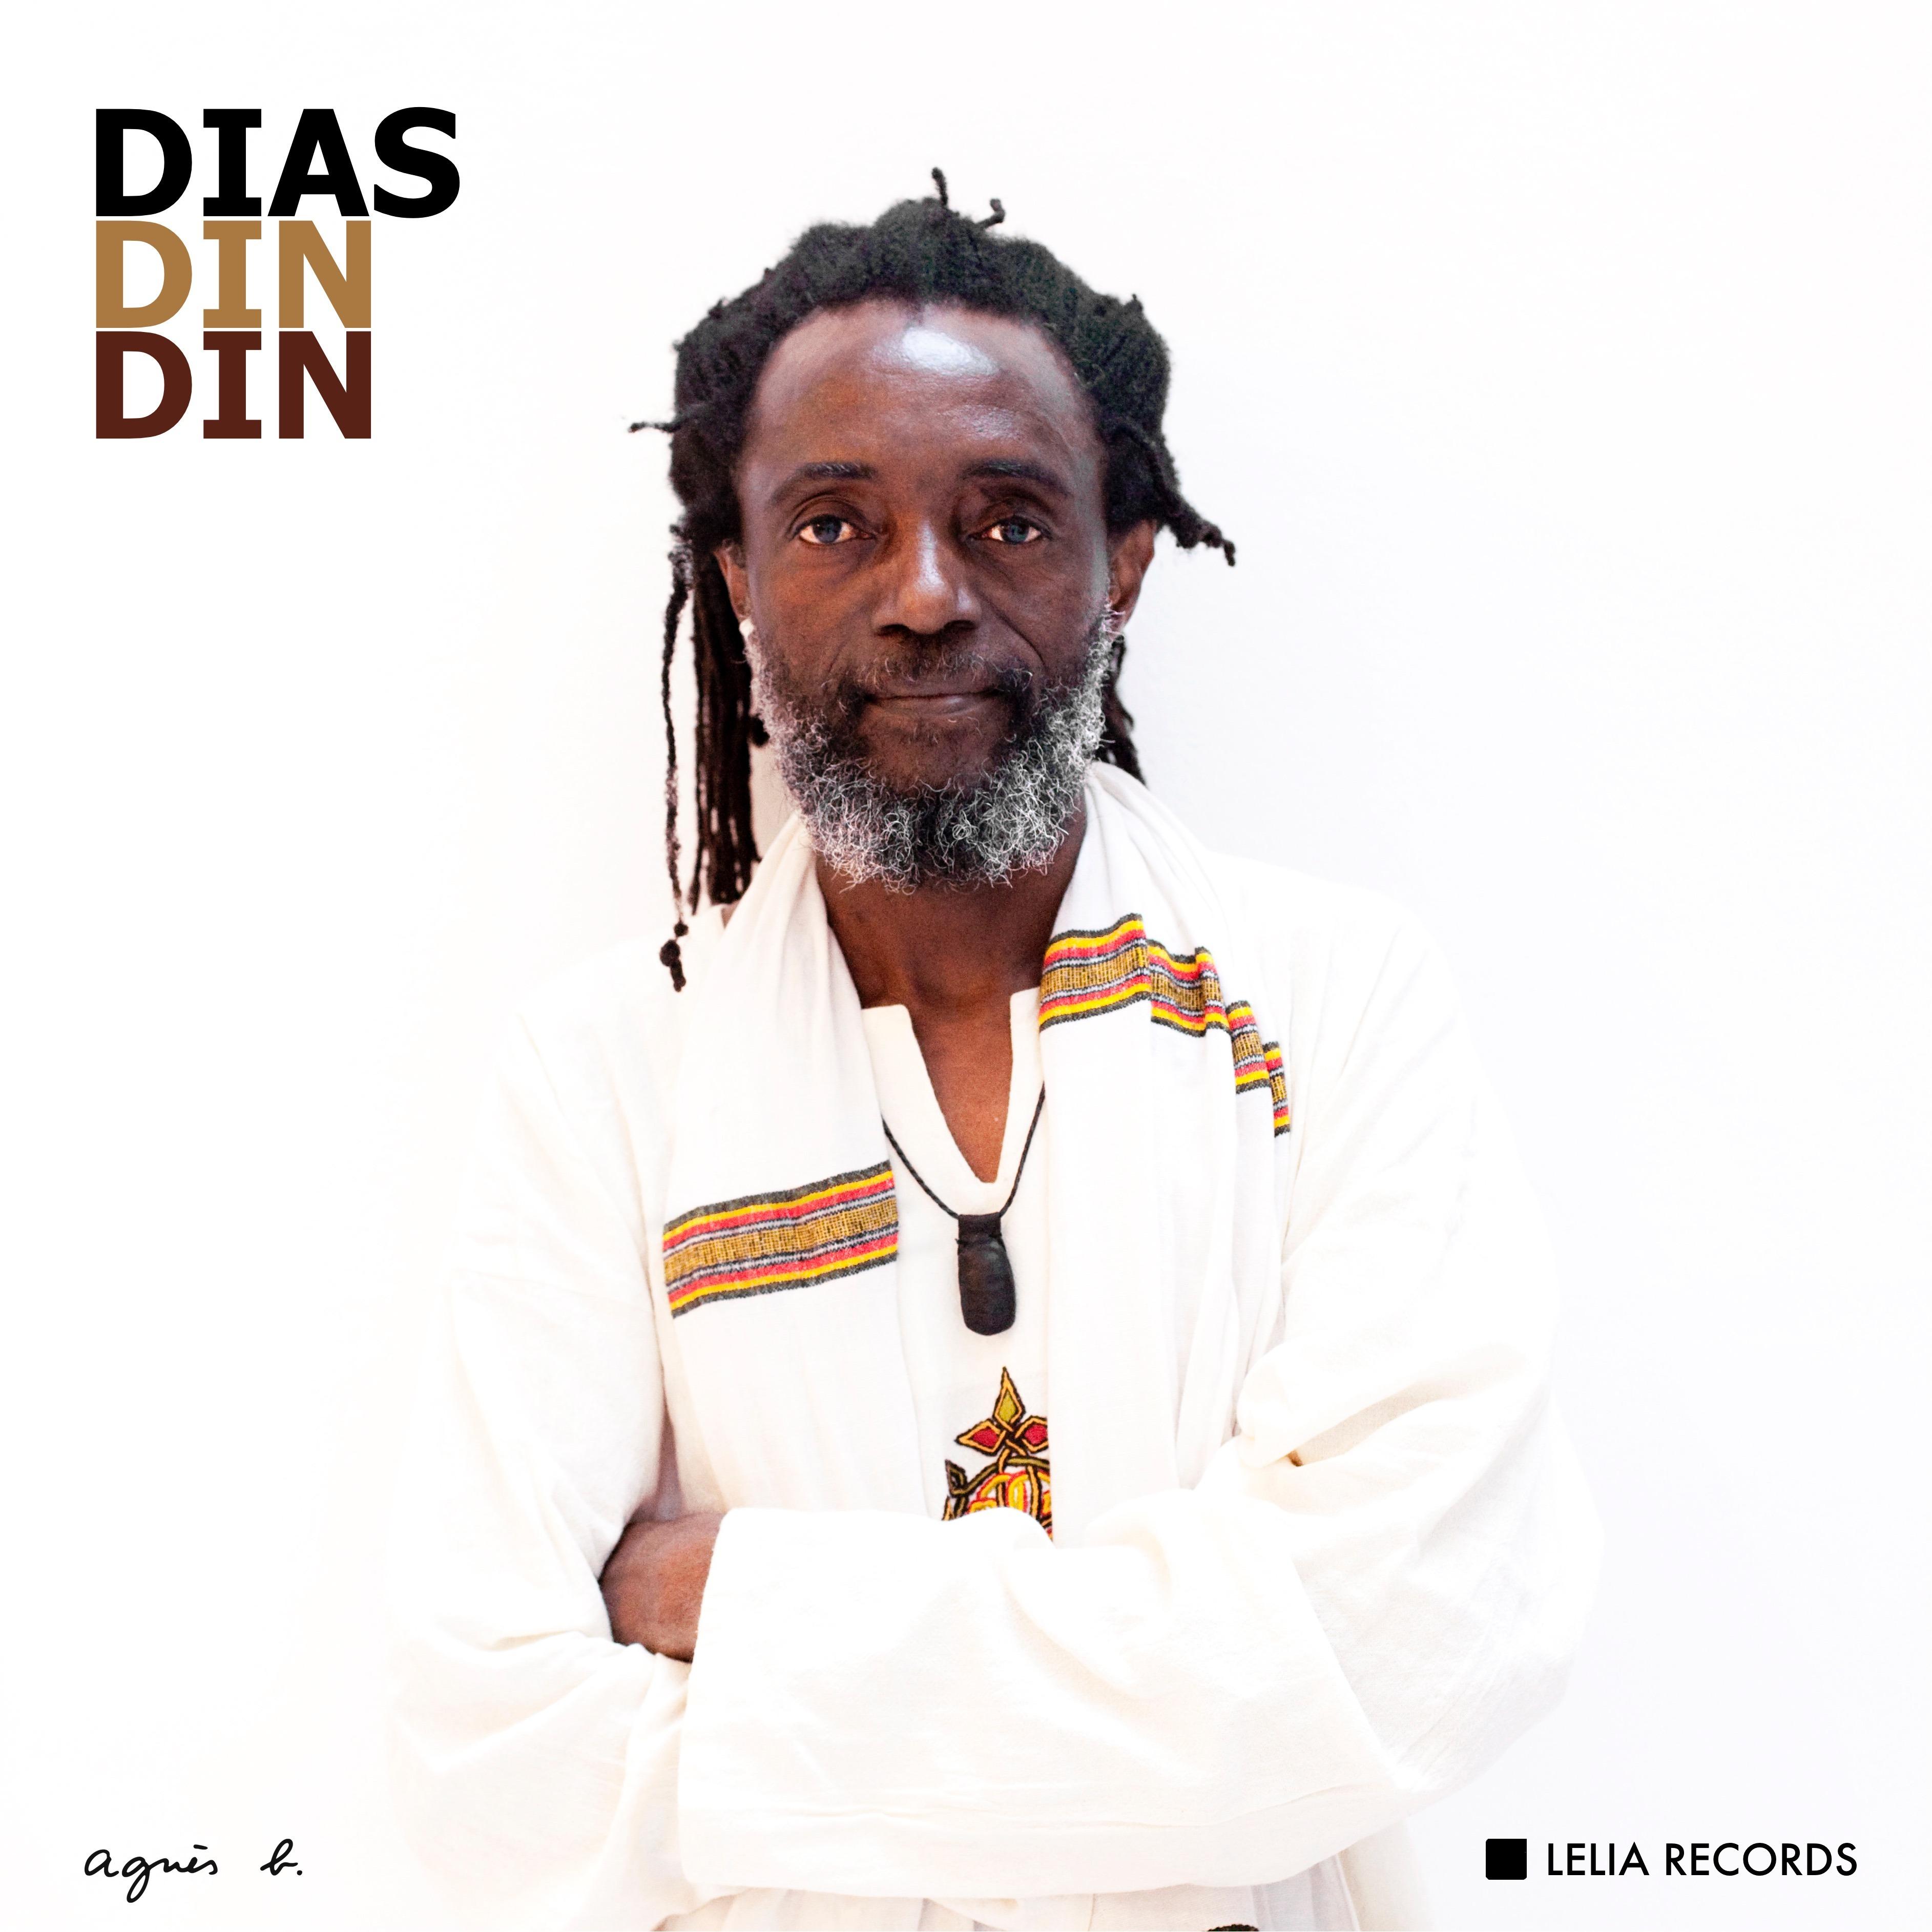 Dias: Din Din